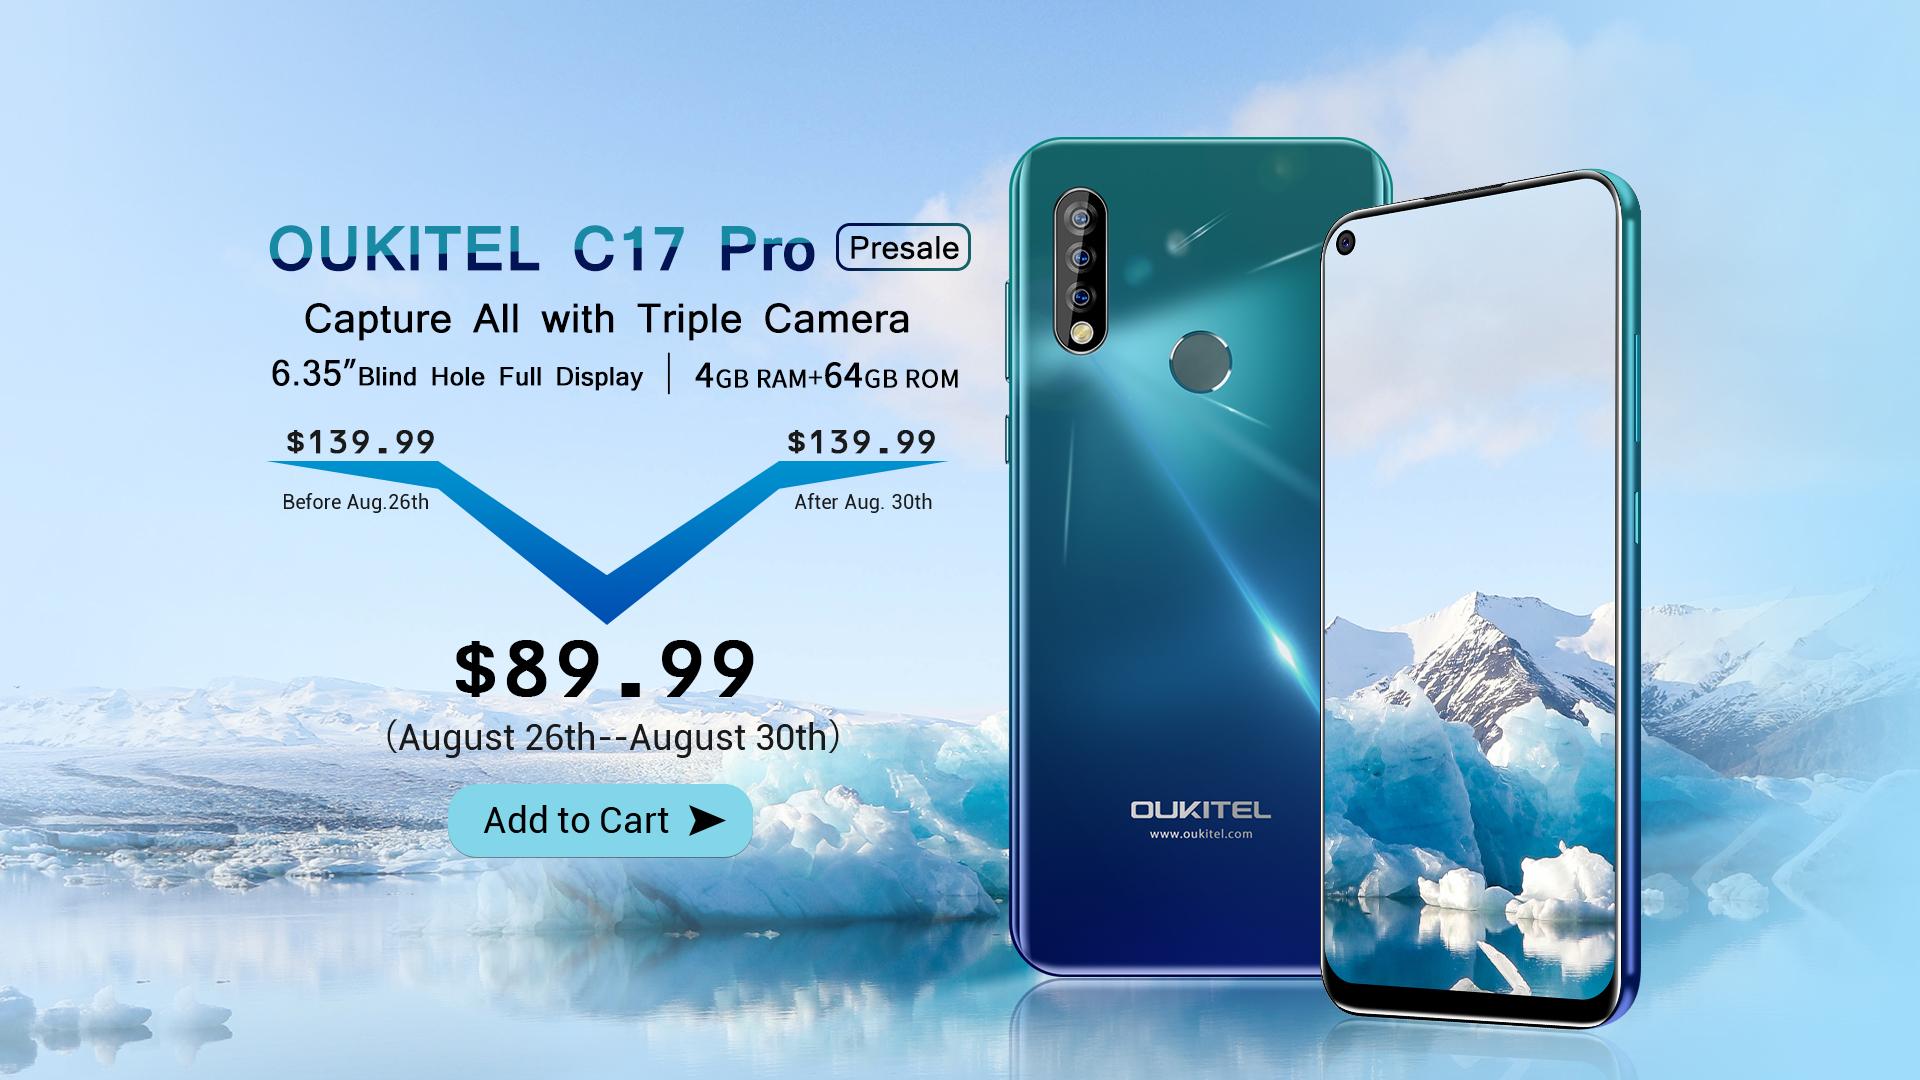 Продажбите на OUKITEL C17 Pro с тройна камера и голяма площ на дисплея стартират на 26 август при цена само $89,99